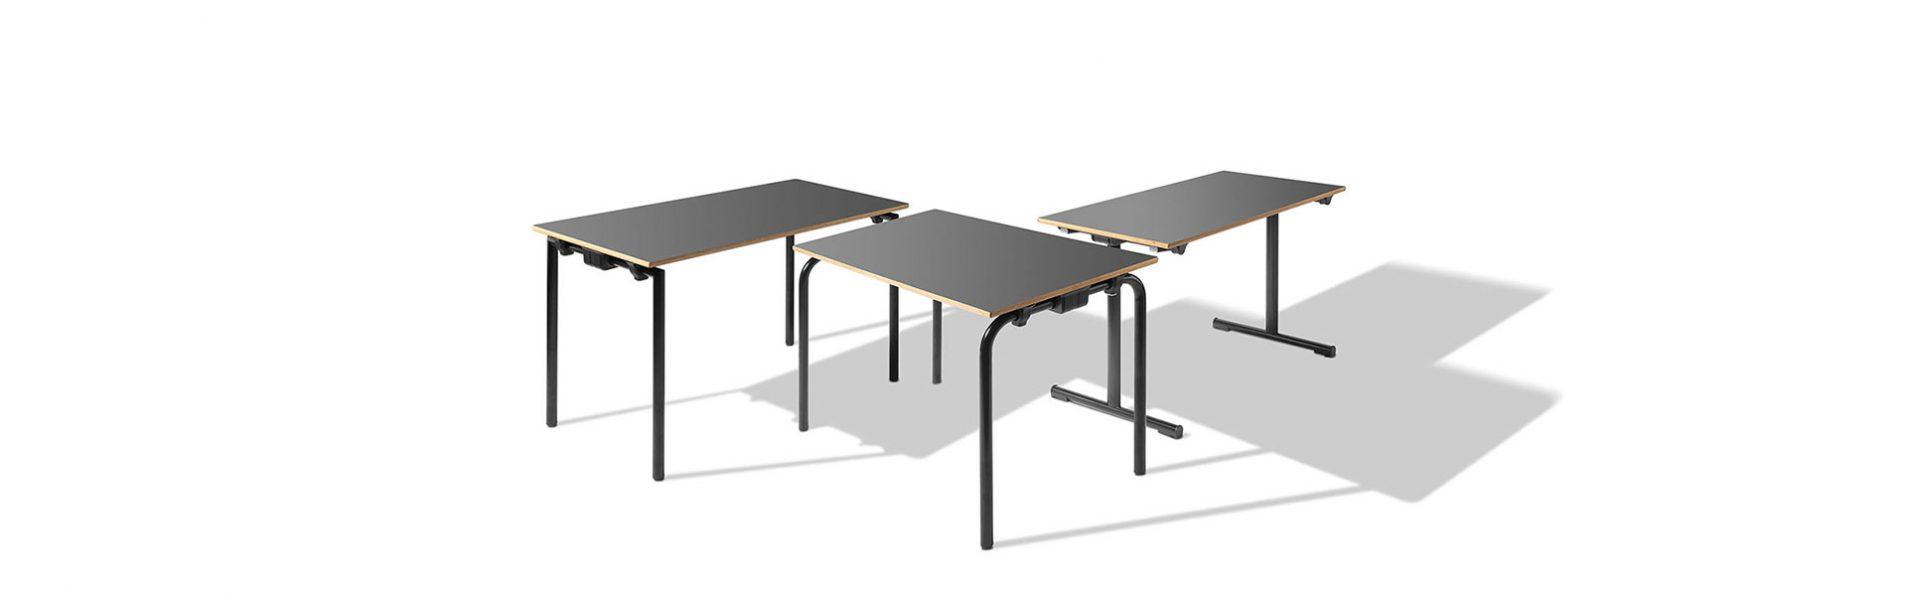 malschersitzmoebel-msm-table-tisch-224+221-gruppiert-schatten